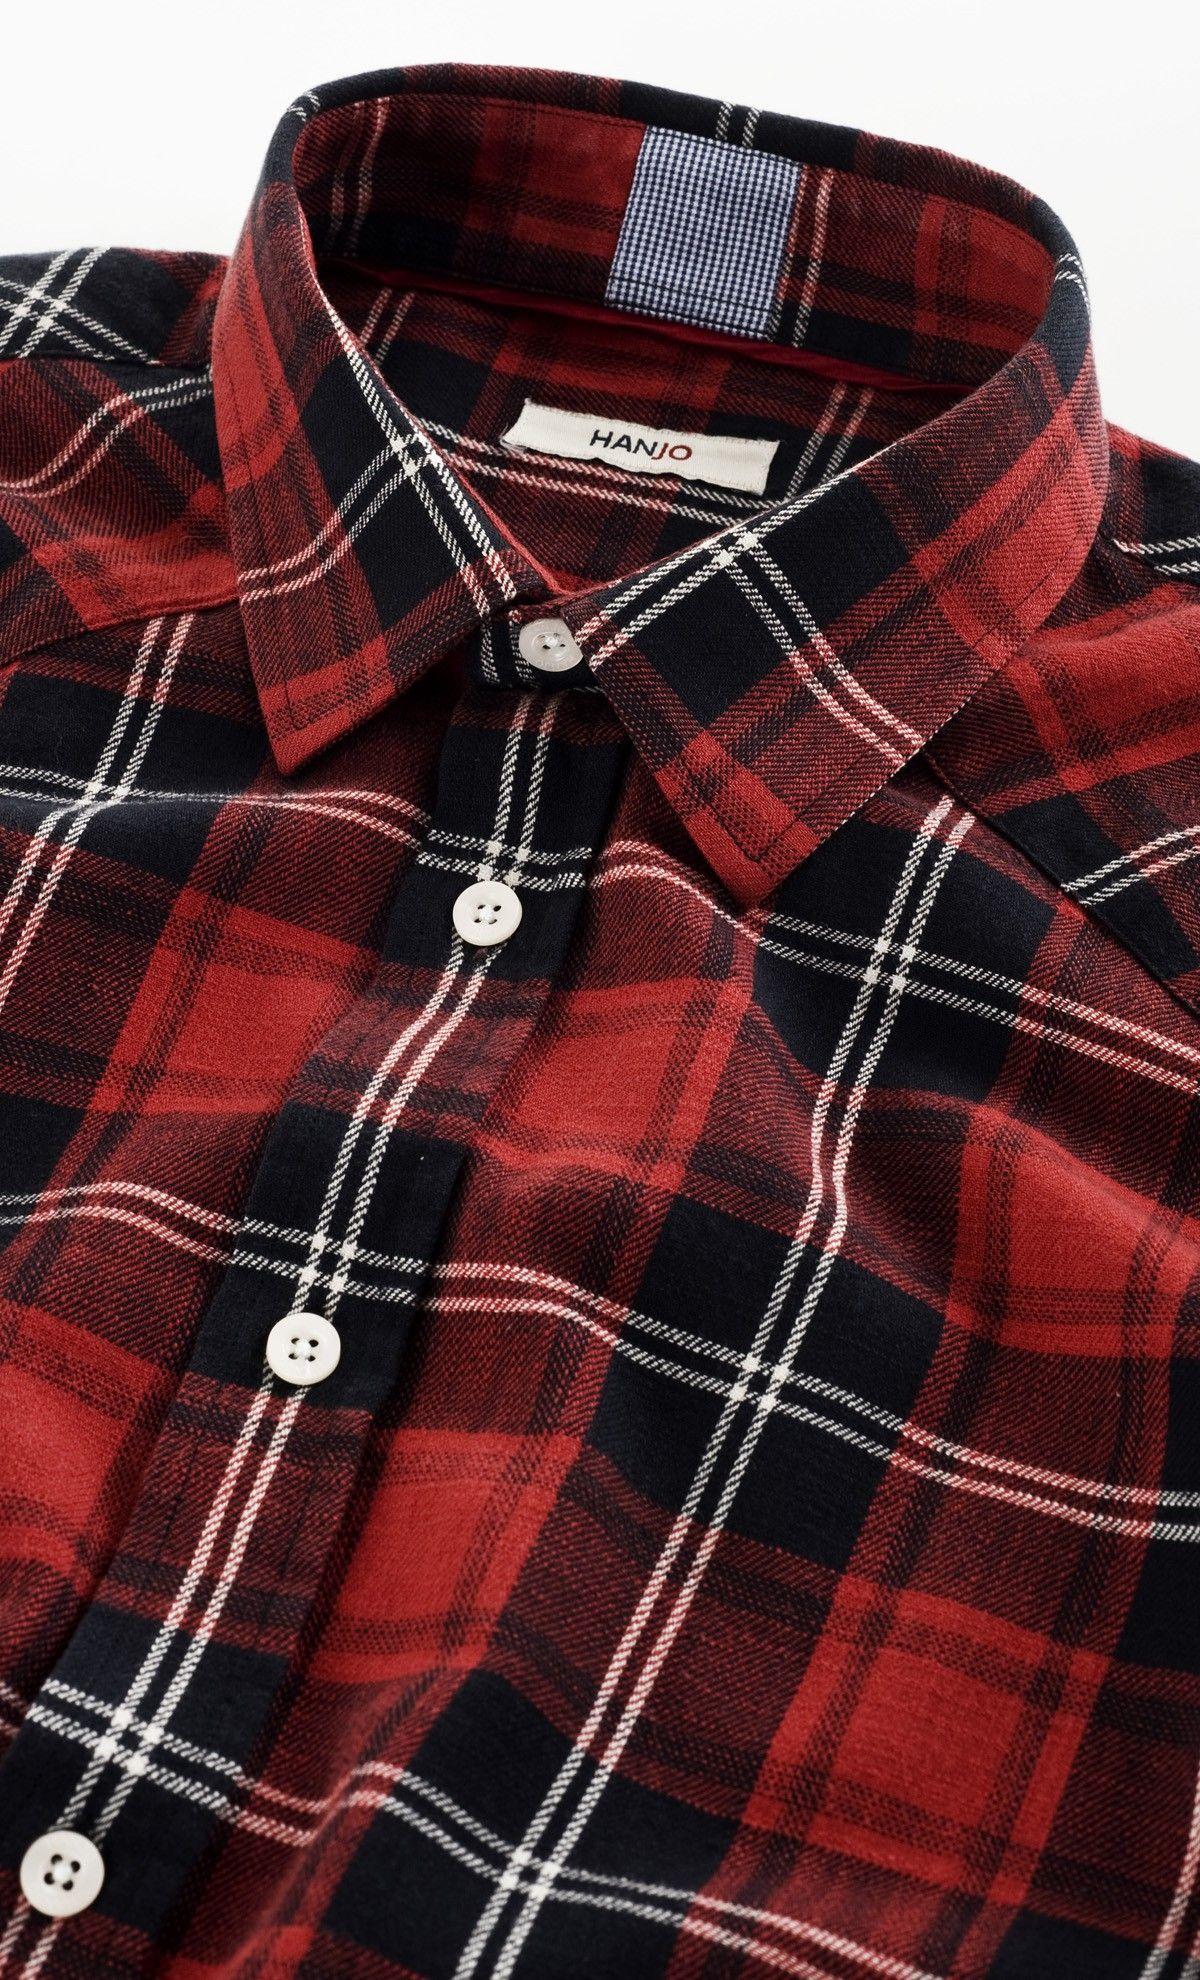 80245f443395 Chemise Carreaux Rouge Noir Tartan Ecossais Mode Homme à motif. Syle   Look  Décontracté.